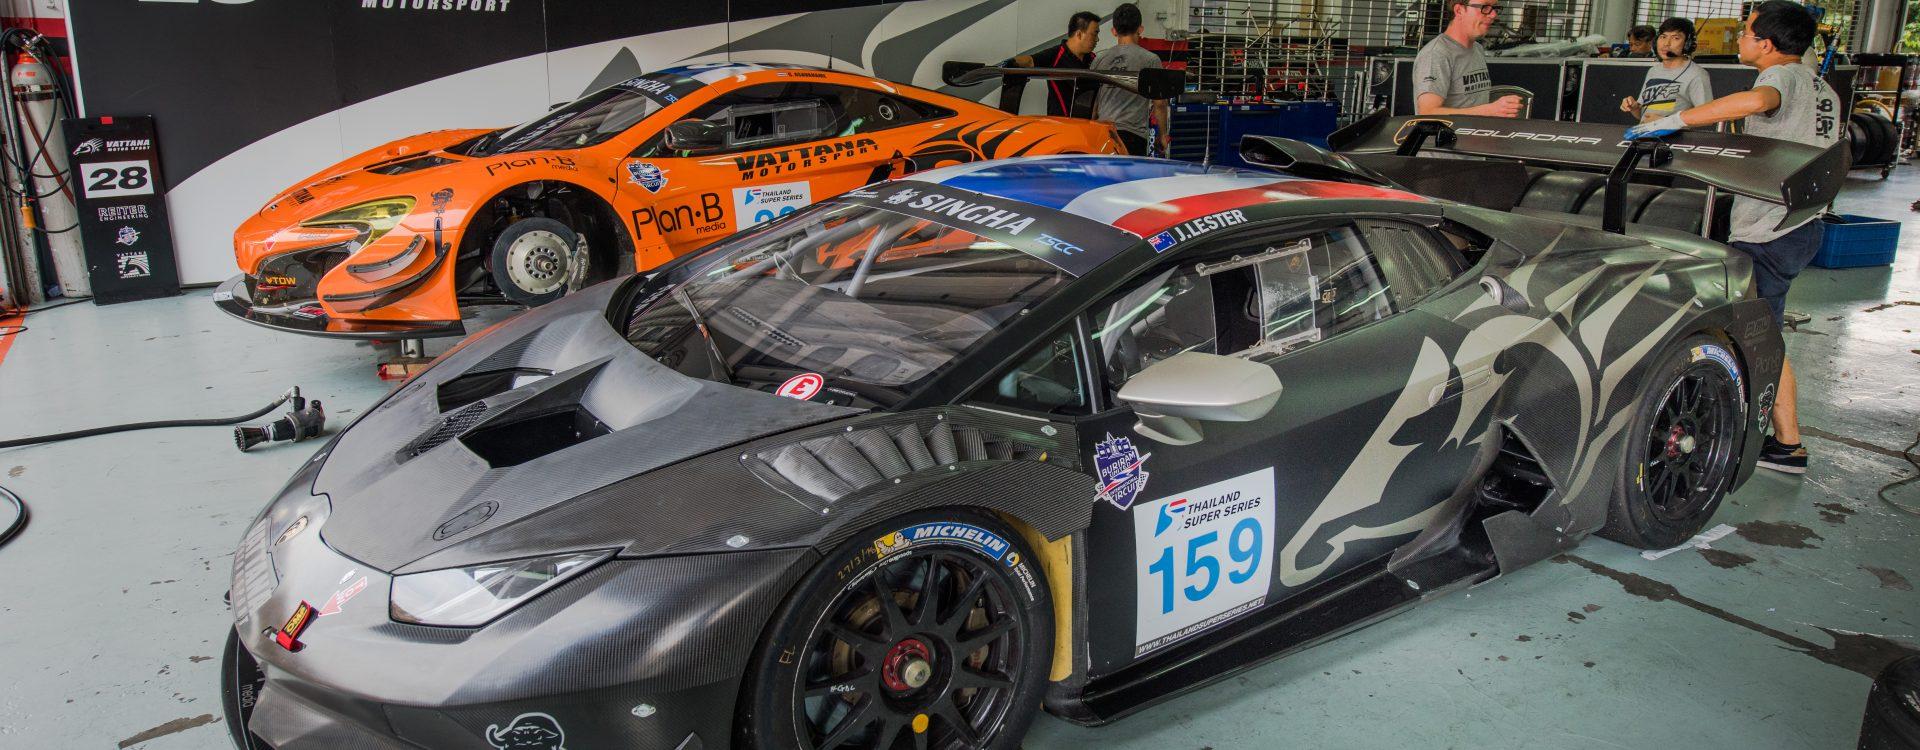 Vattana Motorsport 2018 Thailand Super Series